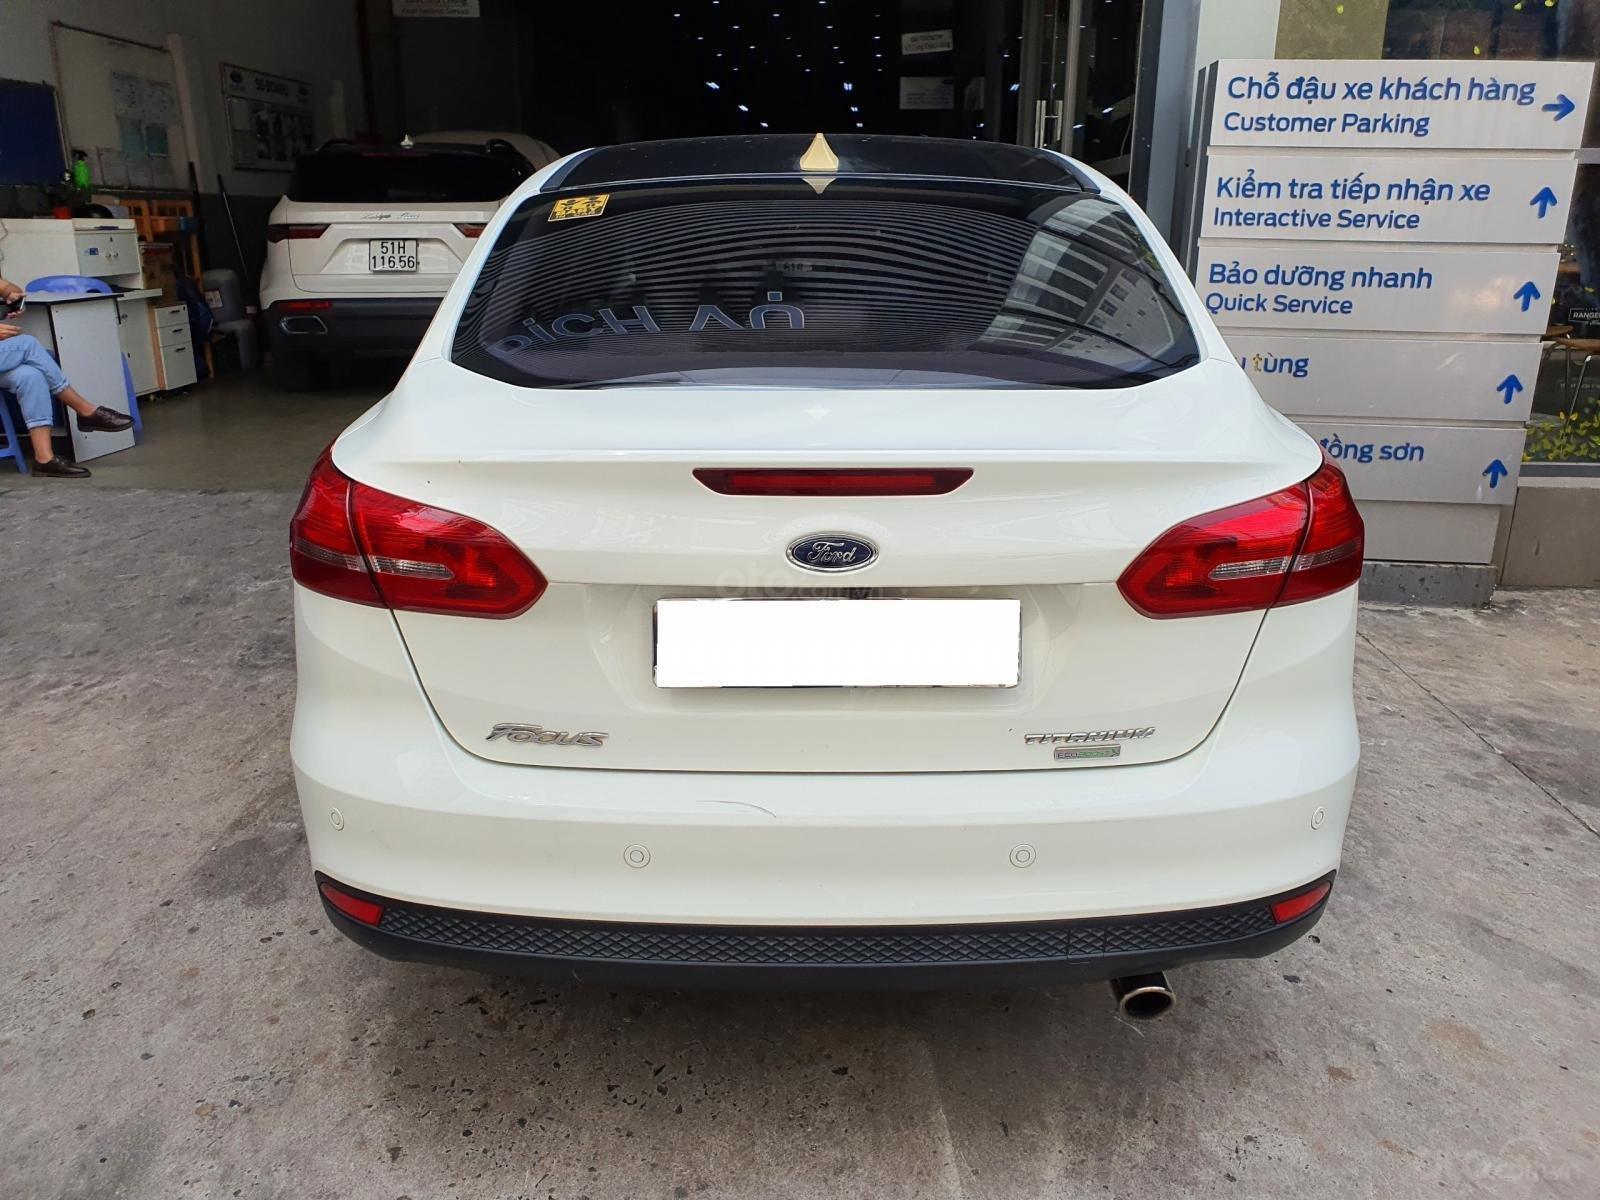 Ford Focus Titanium 2015 trắng xe đẹp giá hợp lý (11)